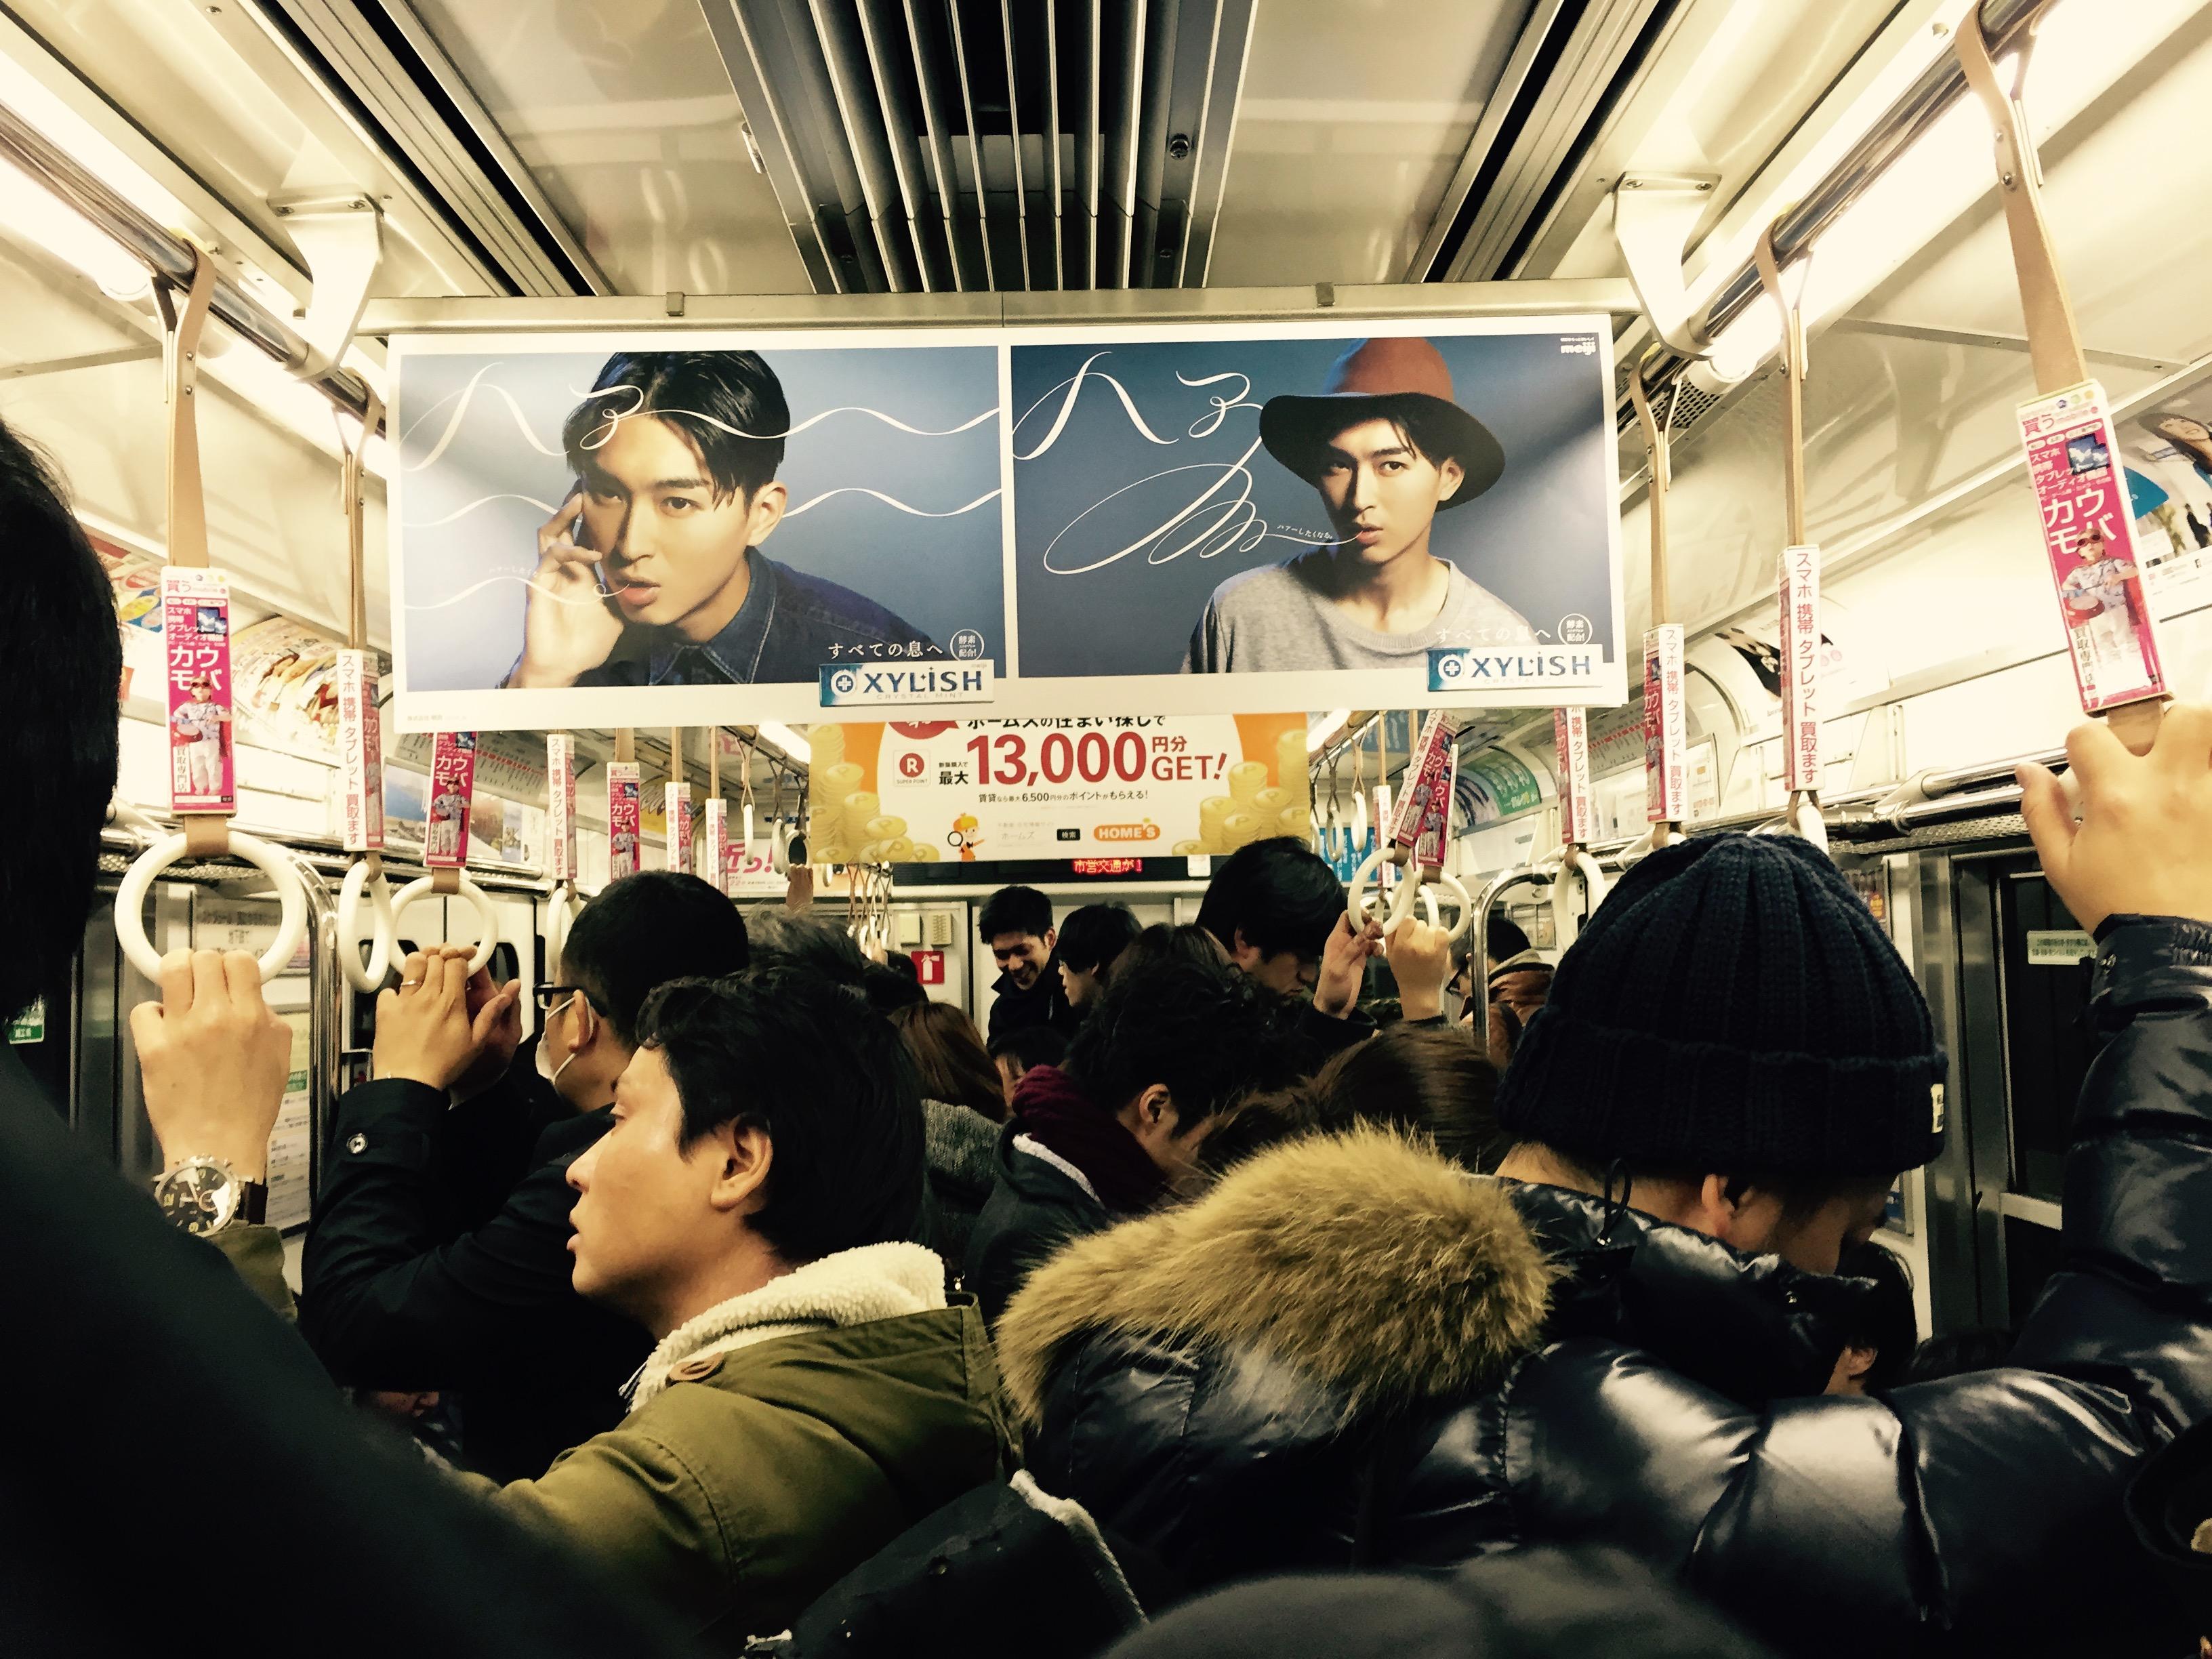 Der letzte Zug nach Osaka um 12. 30 Uhr